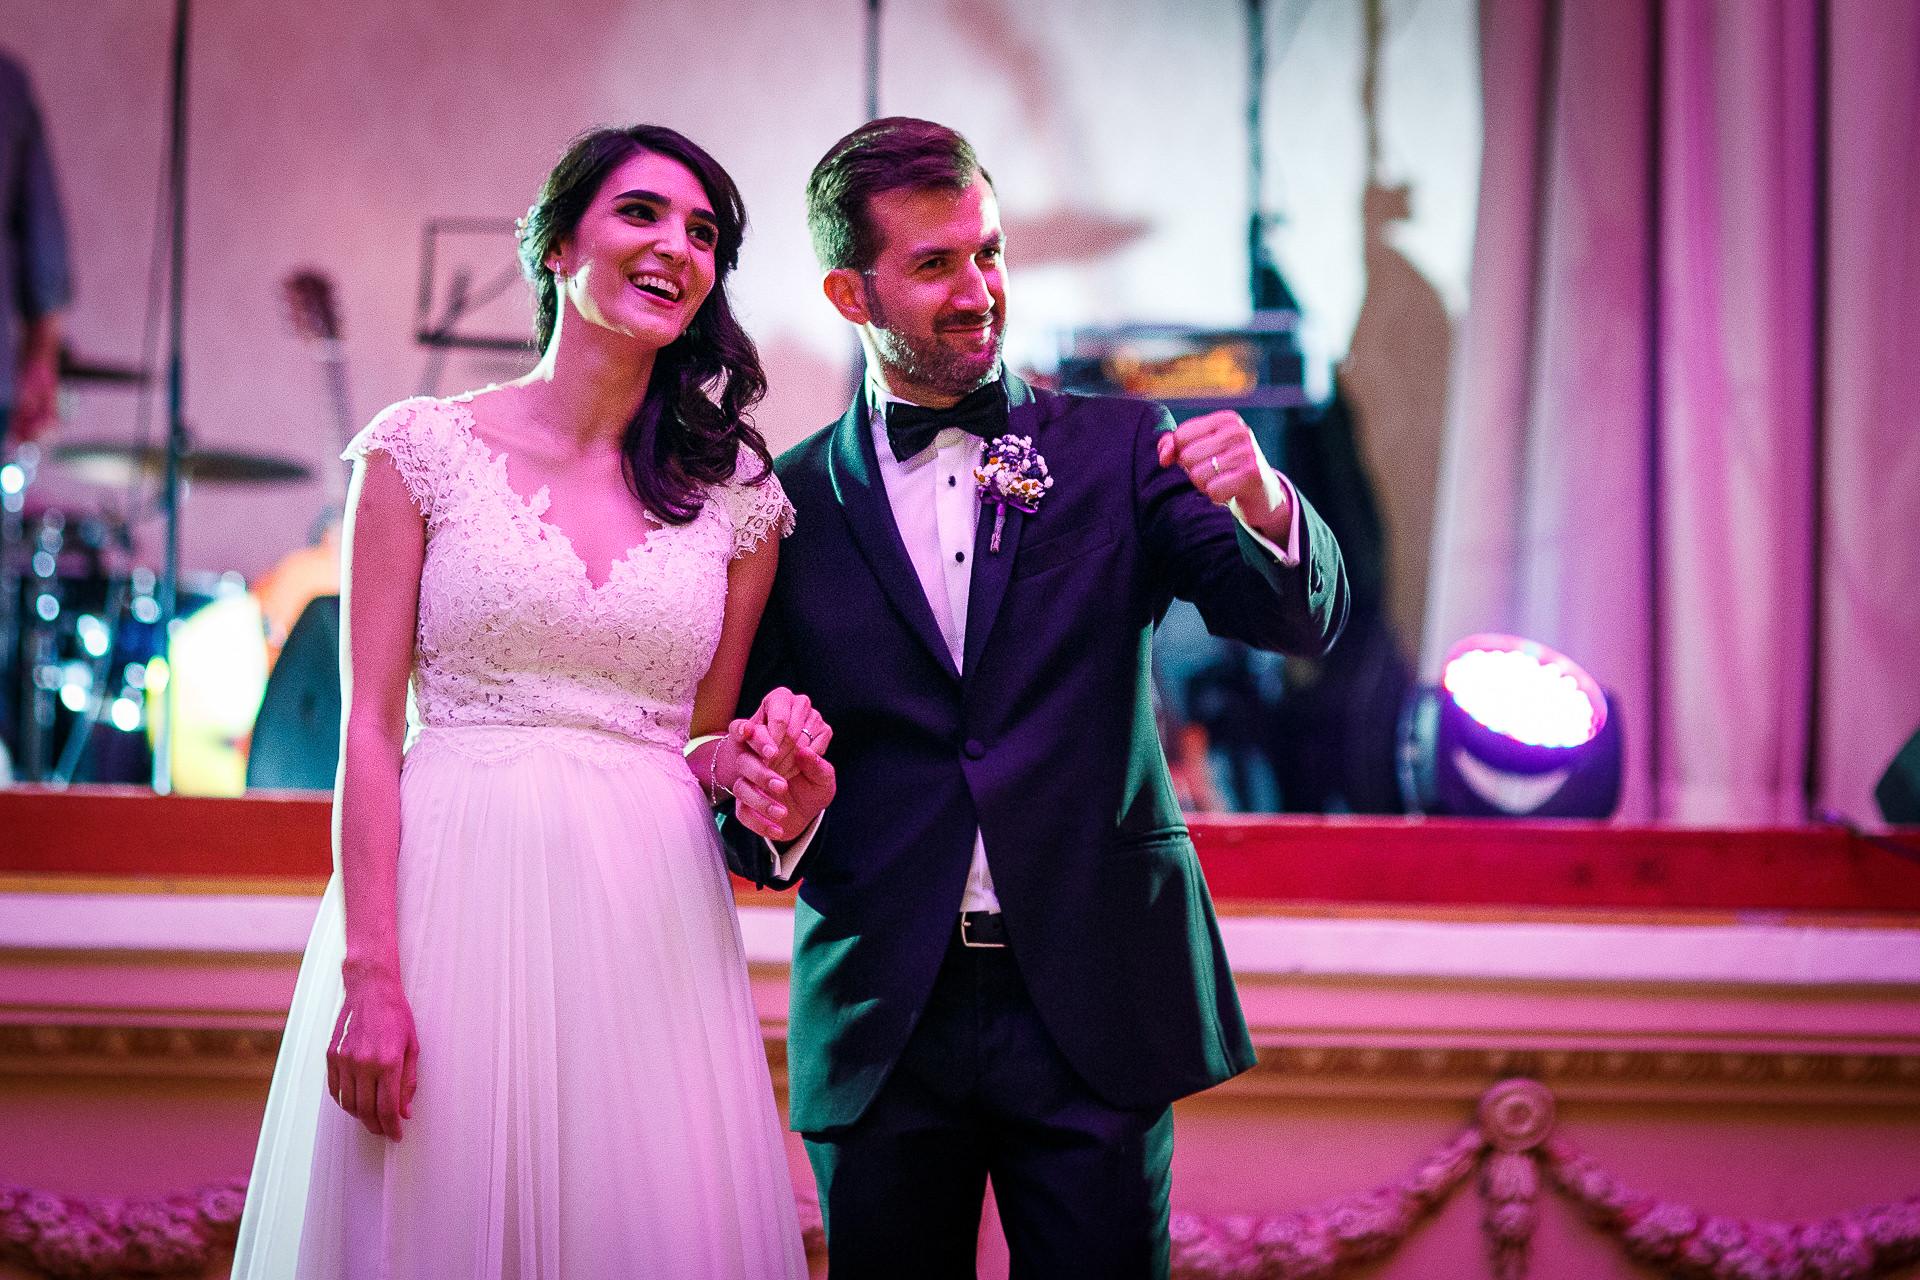 nuntă Salon Elisabeta - Elena şi Costin - Mihai Zaharia Photography - 053